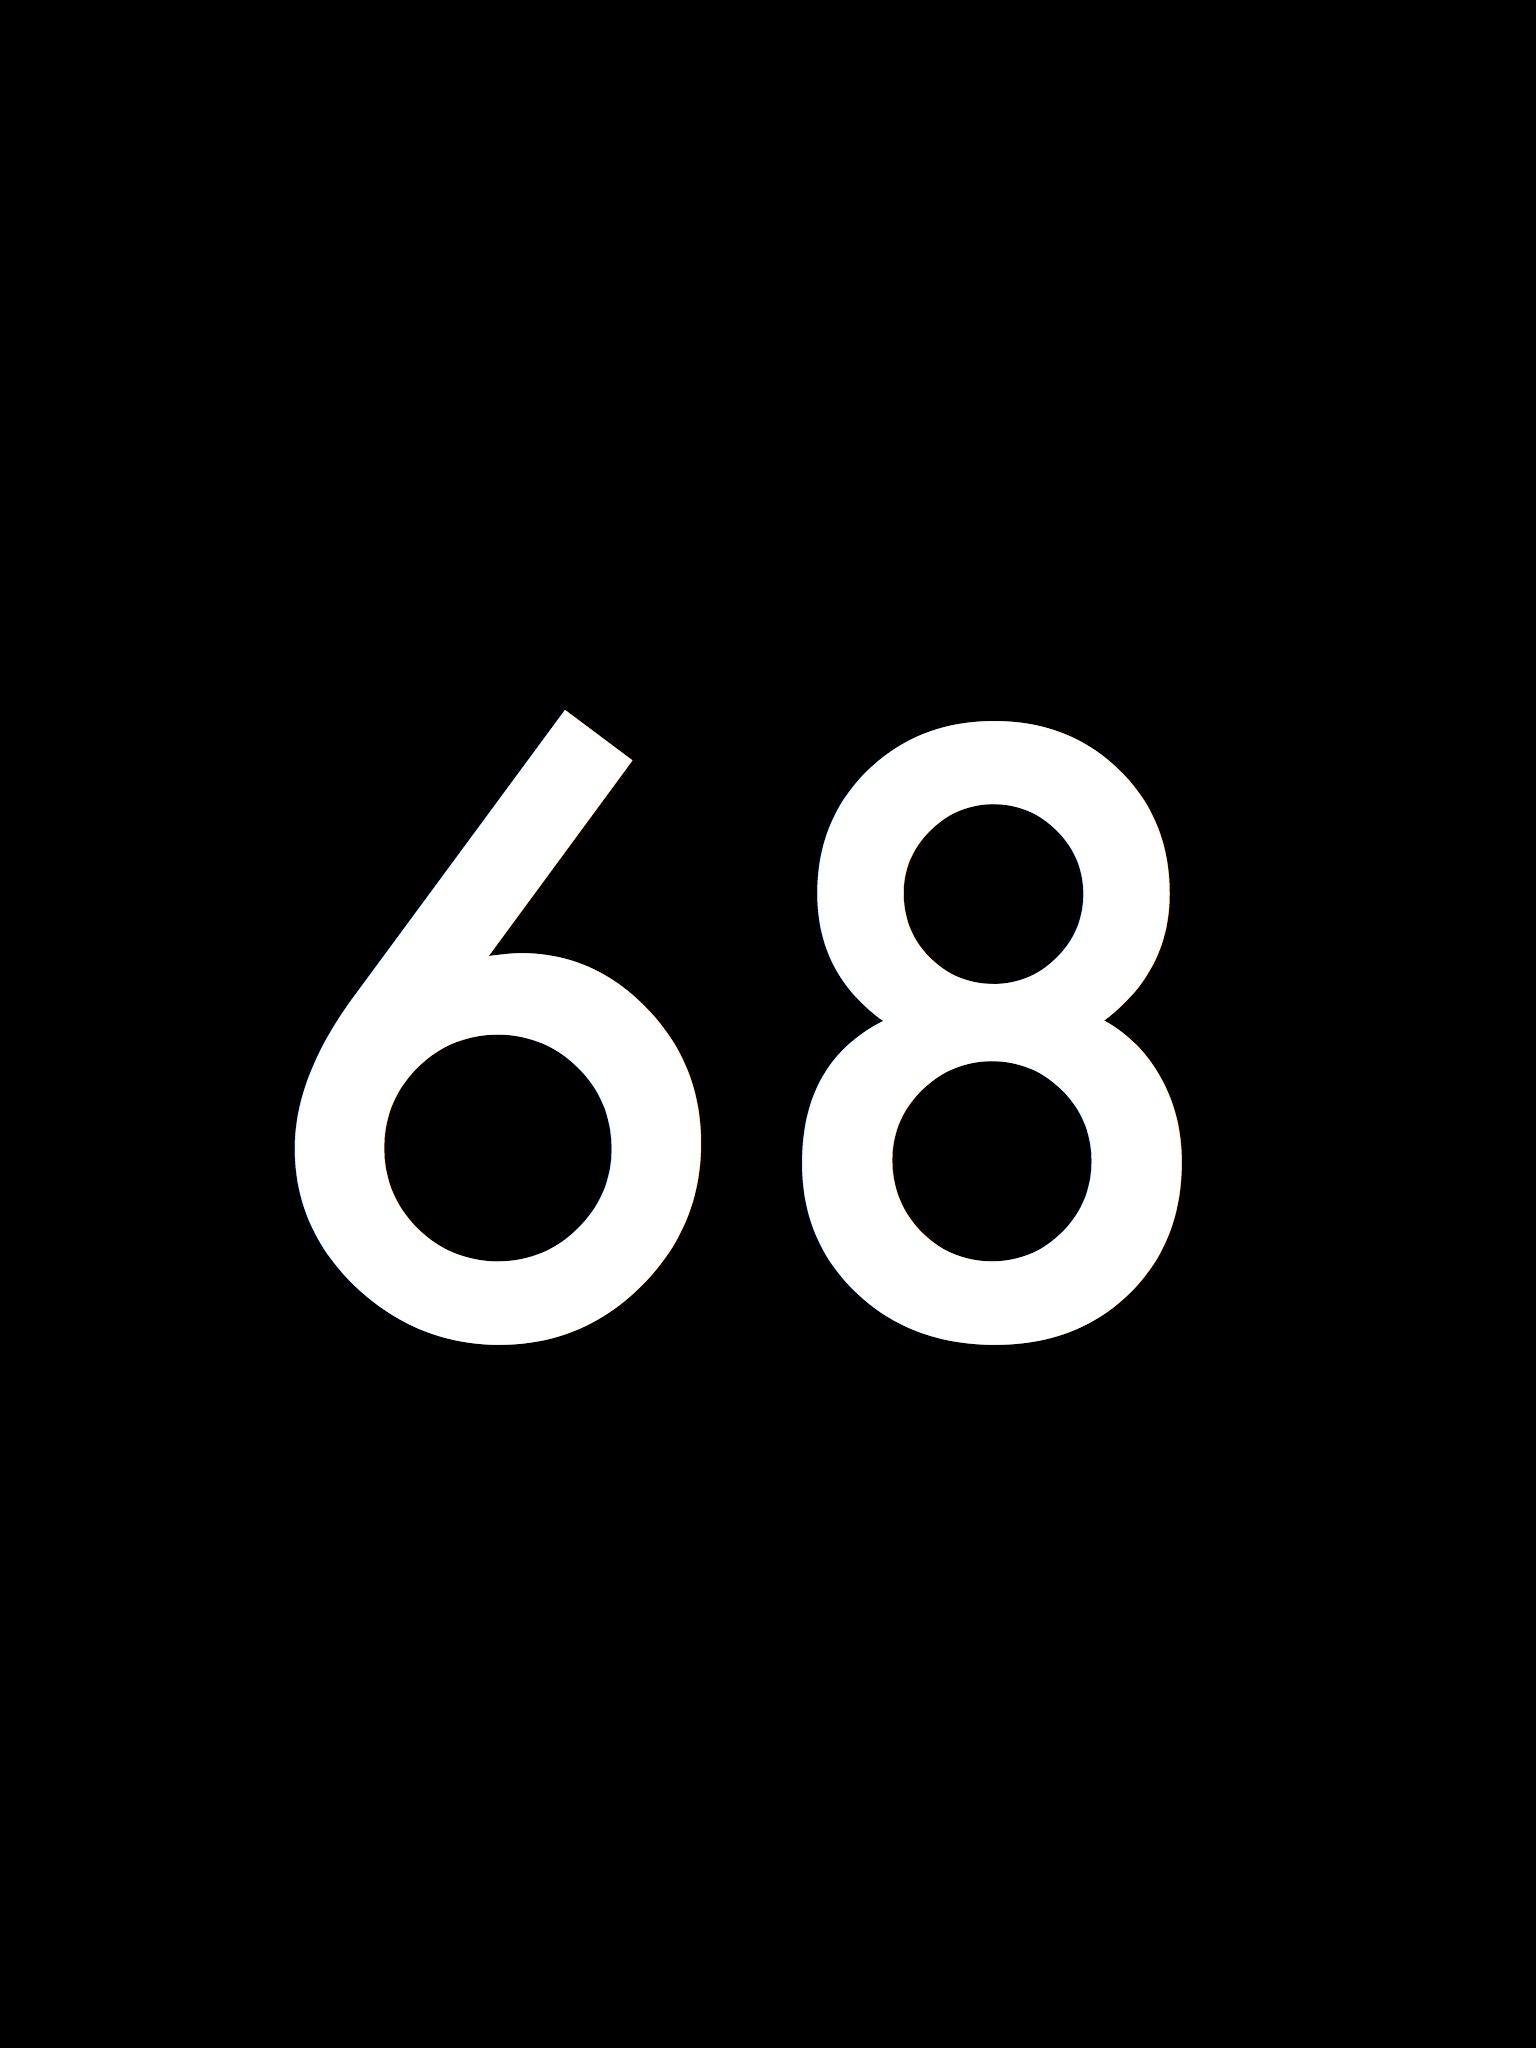 Black_Number.068.jpg